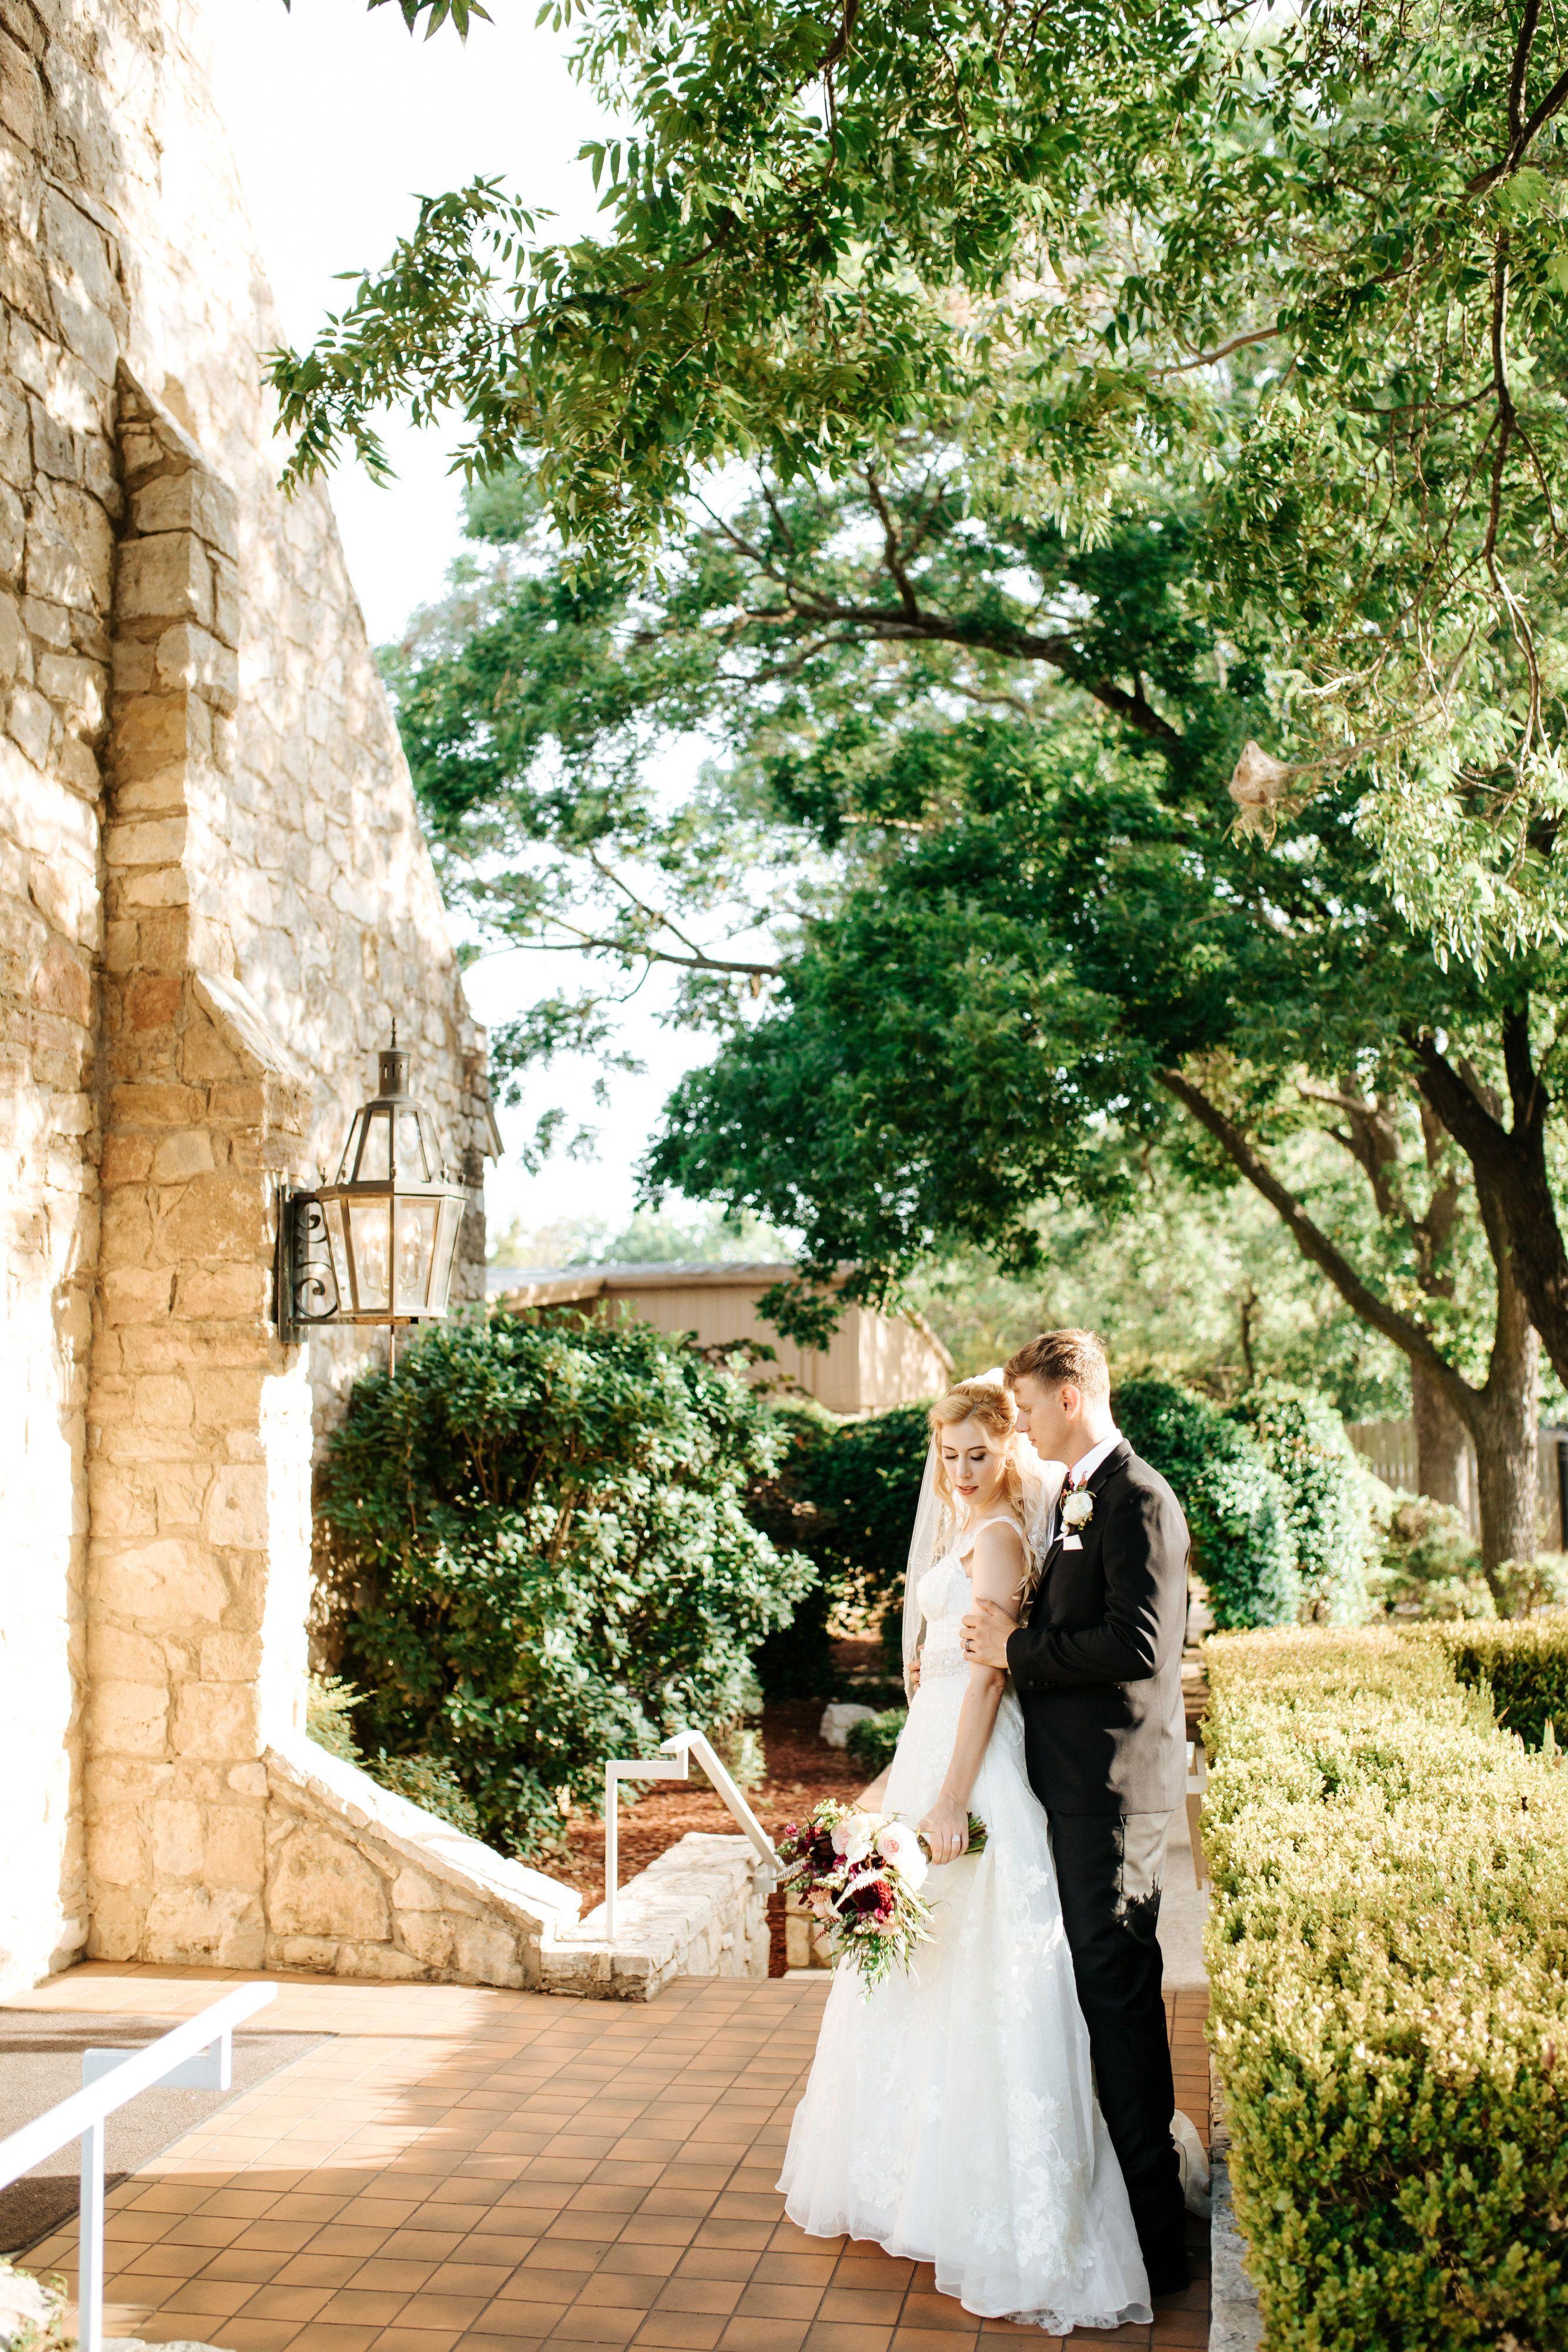 All Inclusive Wedding Packages Texas | Wedding Venue Chapel Reception Hall In The San Antonio Tx Area